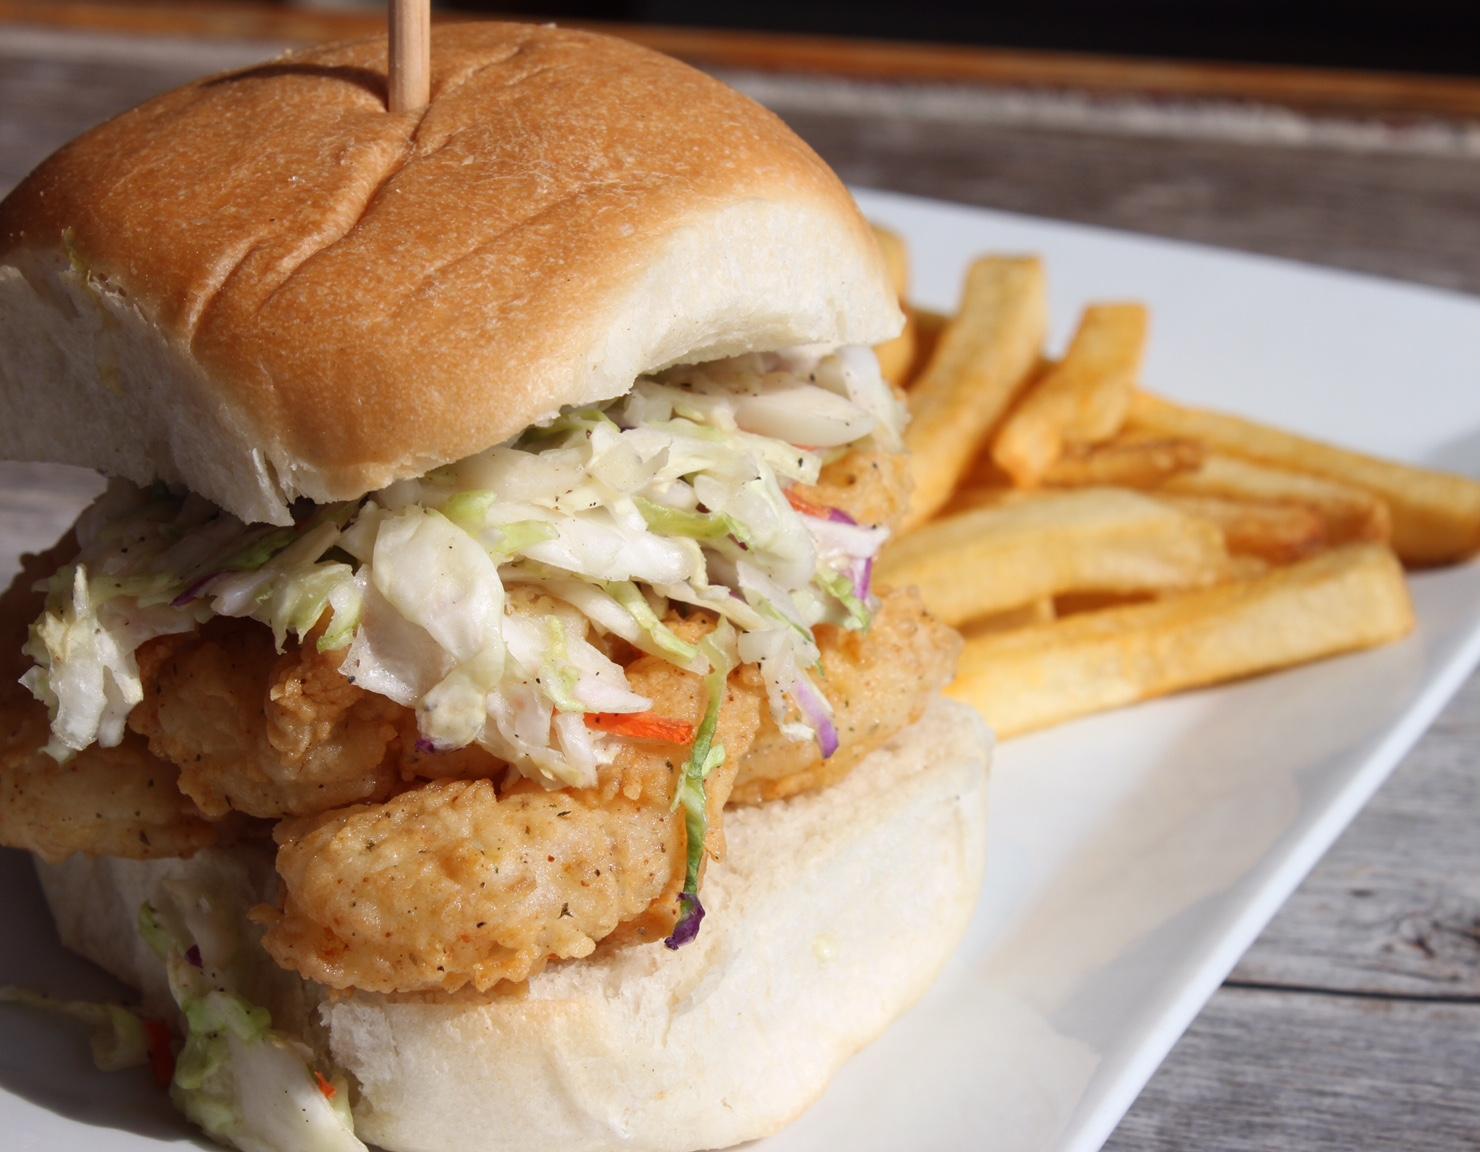 Marisa's Shrimp Sandwich